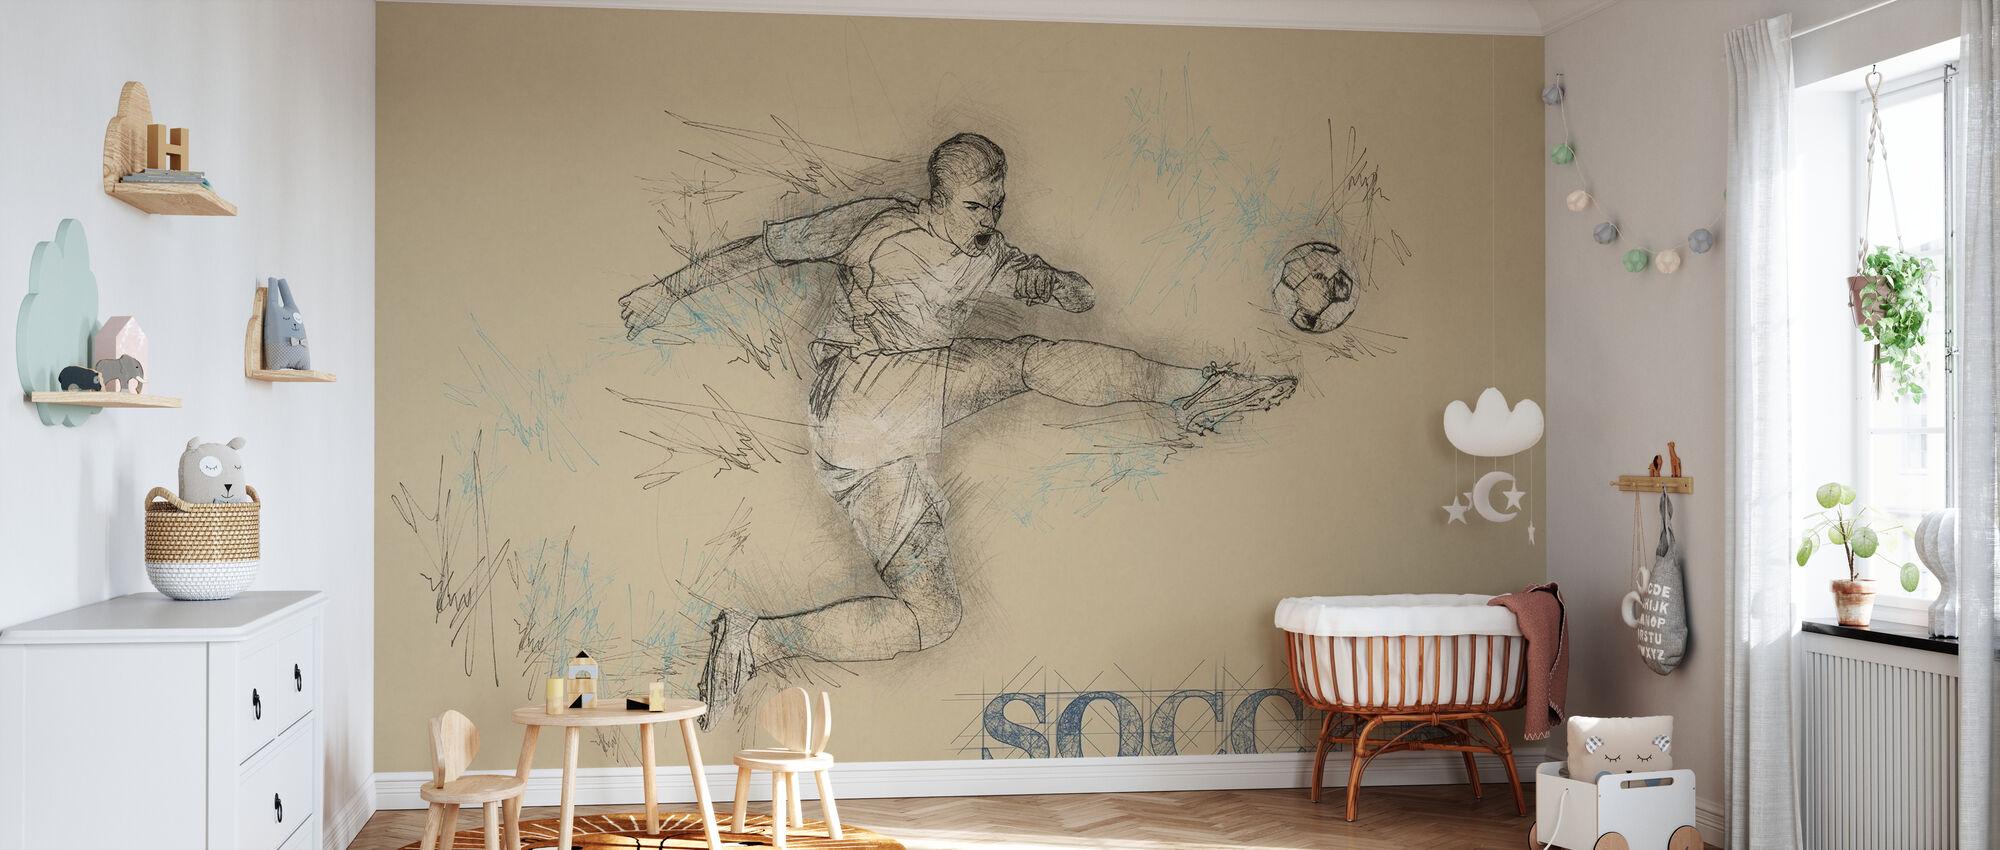 Soccer - Wallpaper - Nursery